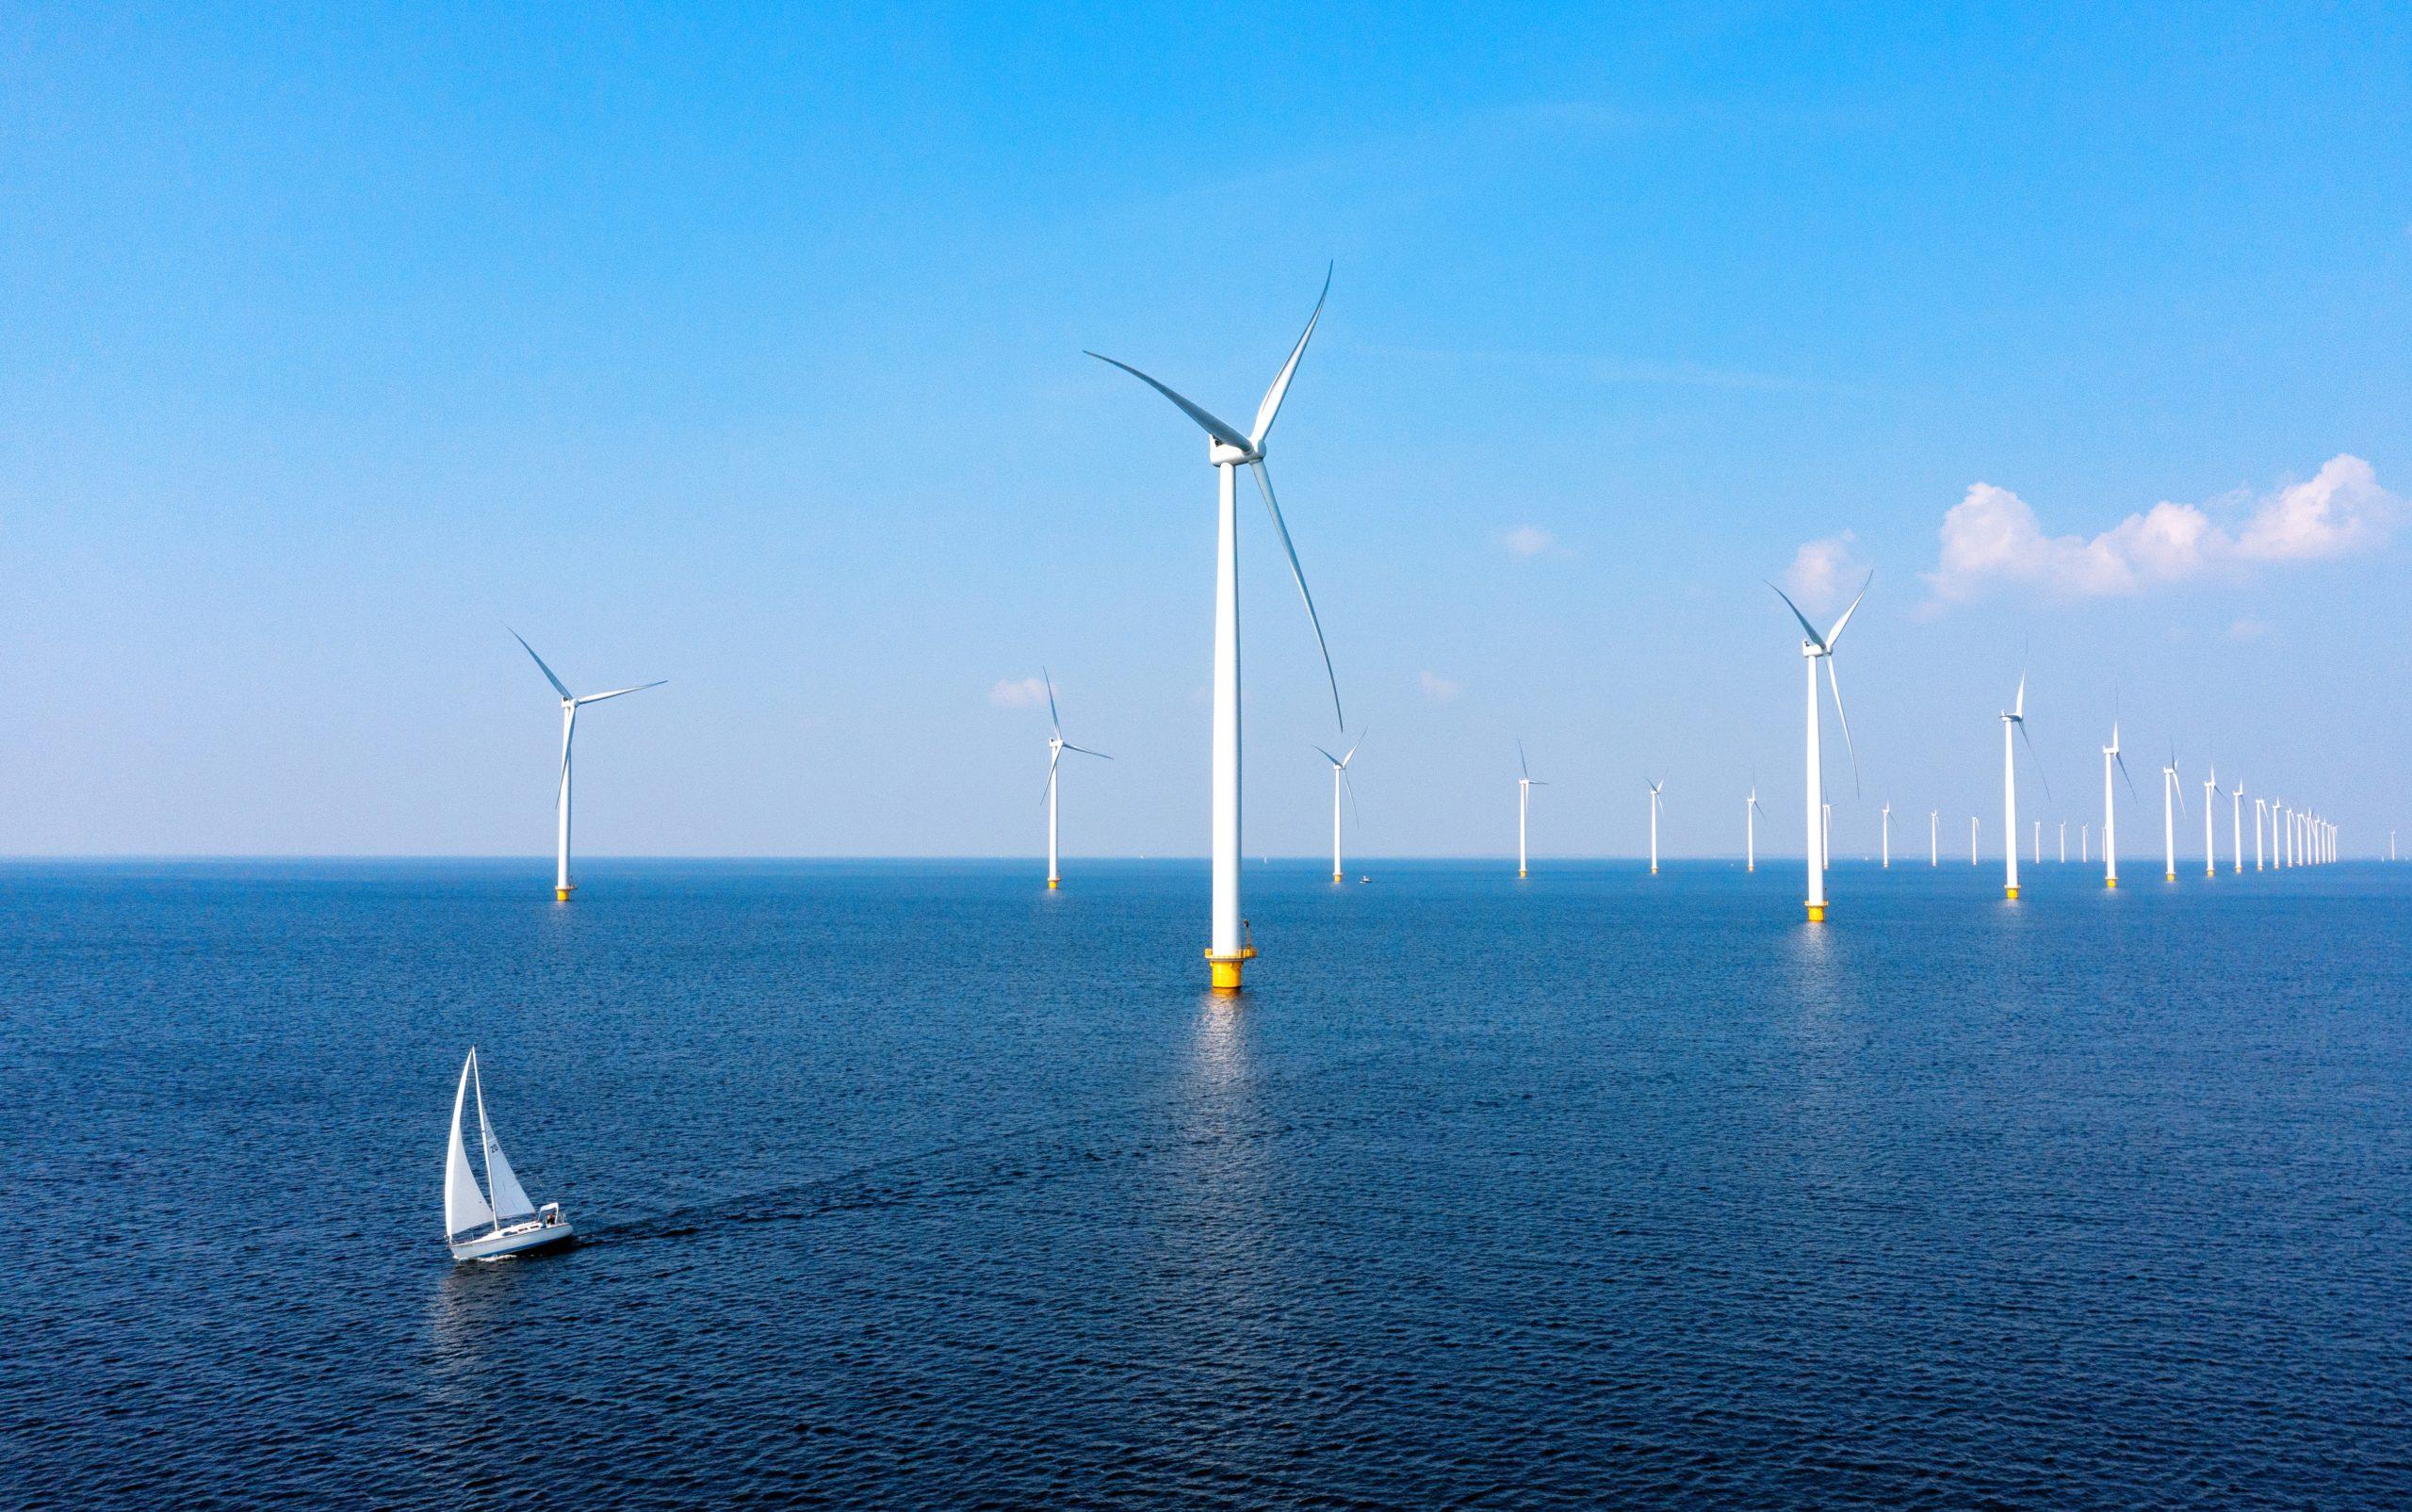 L'Europe veut relever le défi de l'hydrogène vert avec l'Eghac